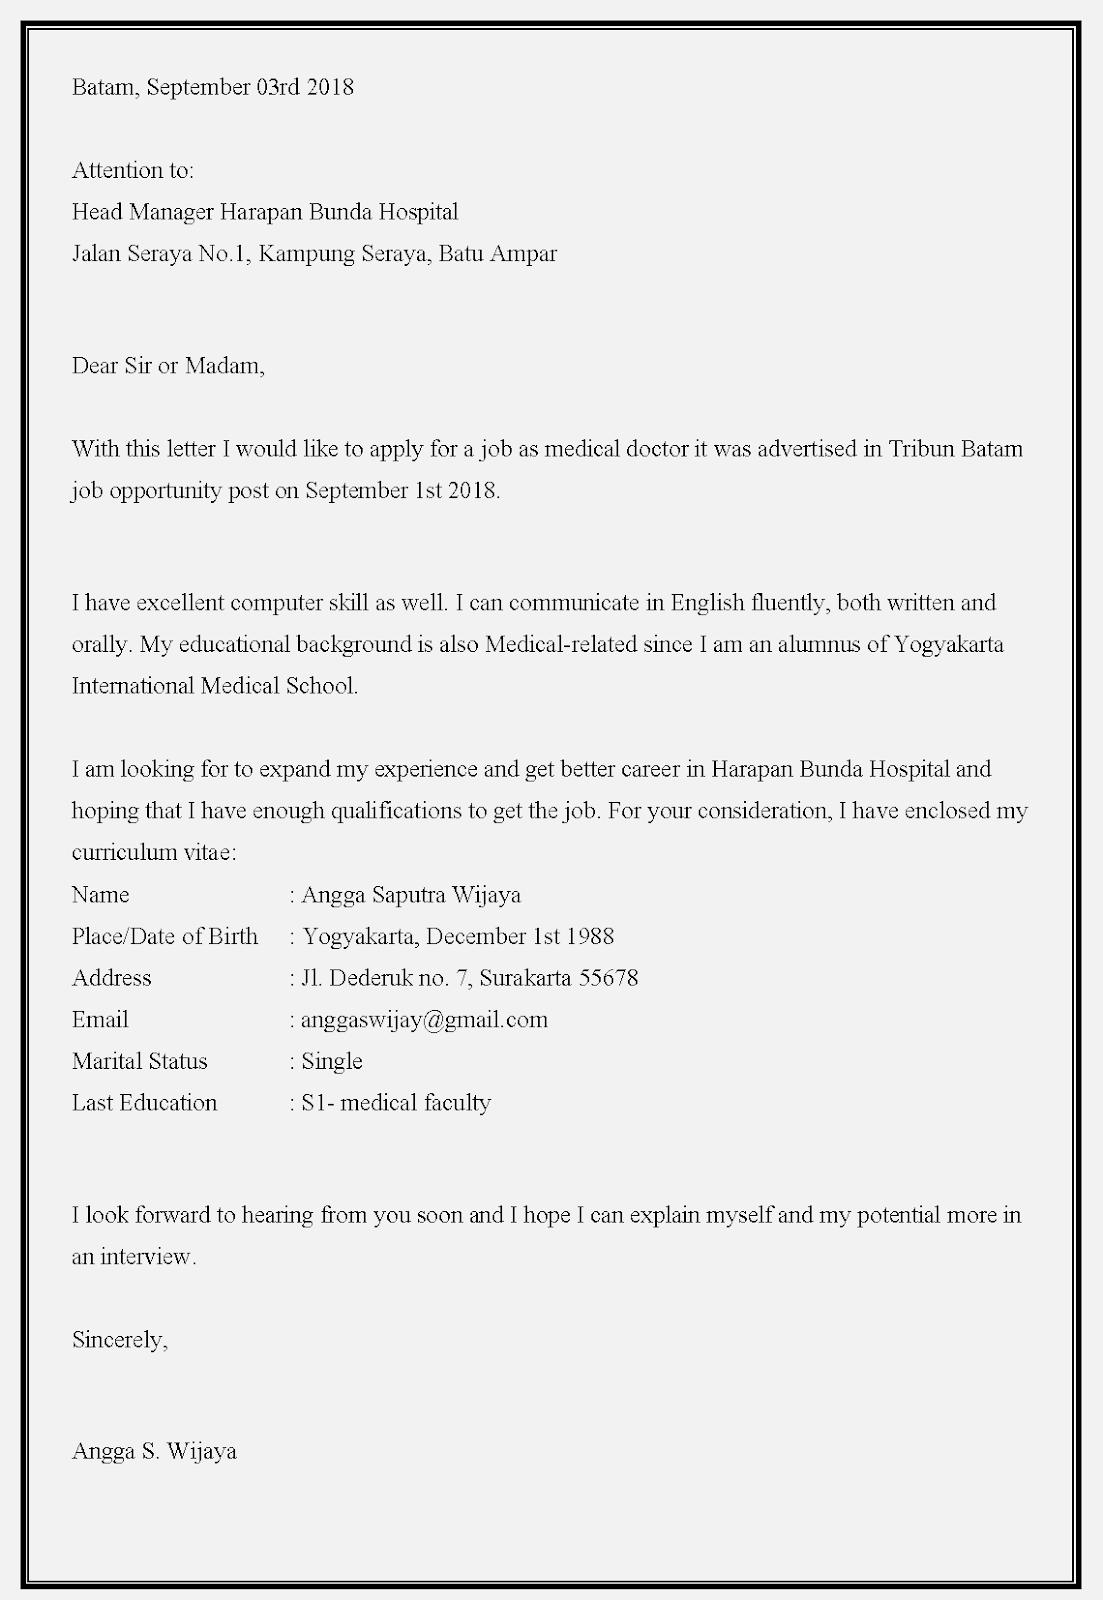 Contoh surat lamaran kerja dokter umum untuk melamar pekerjaan sebagai dokter di rumah sakit  harapan bunda